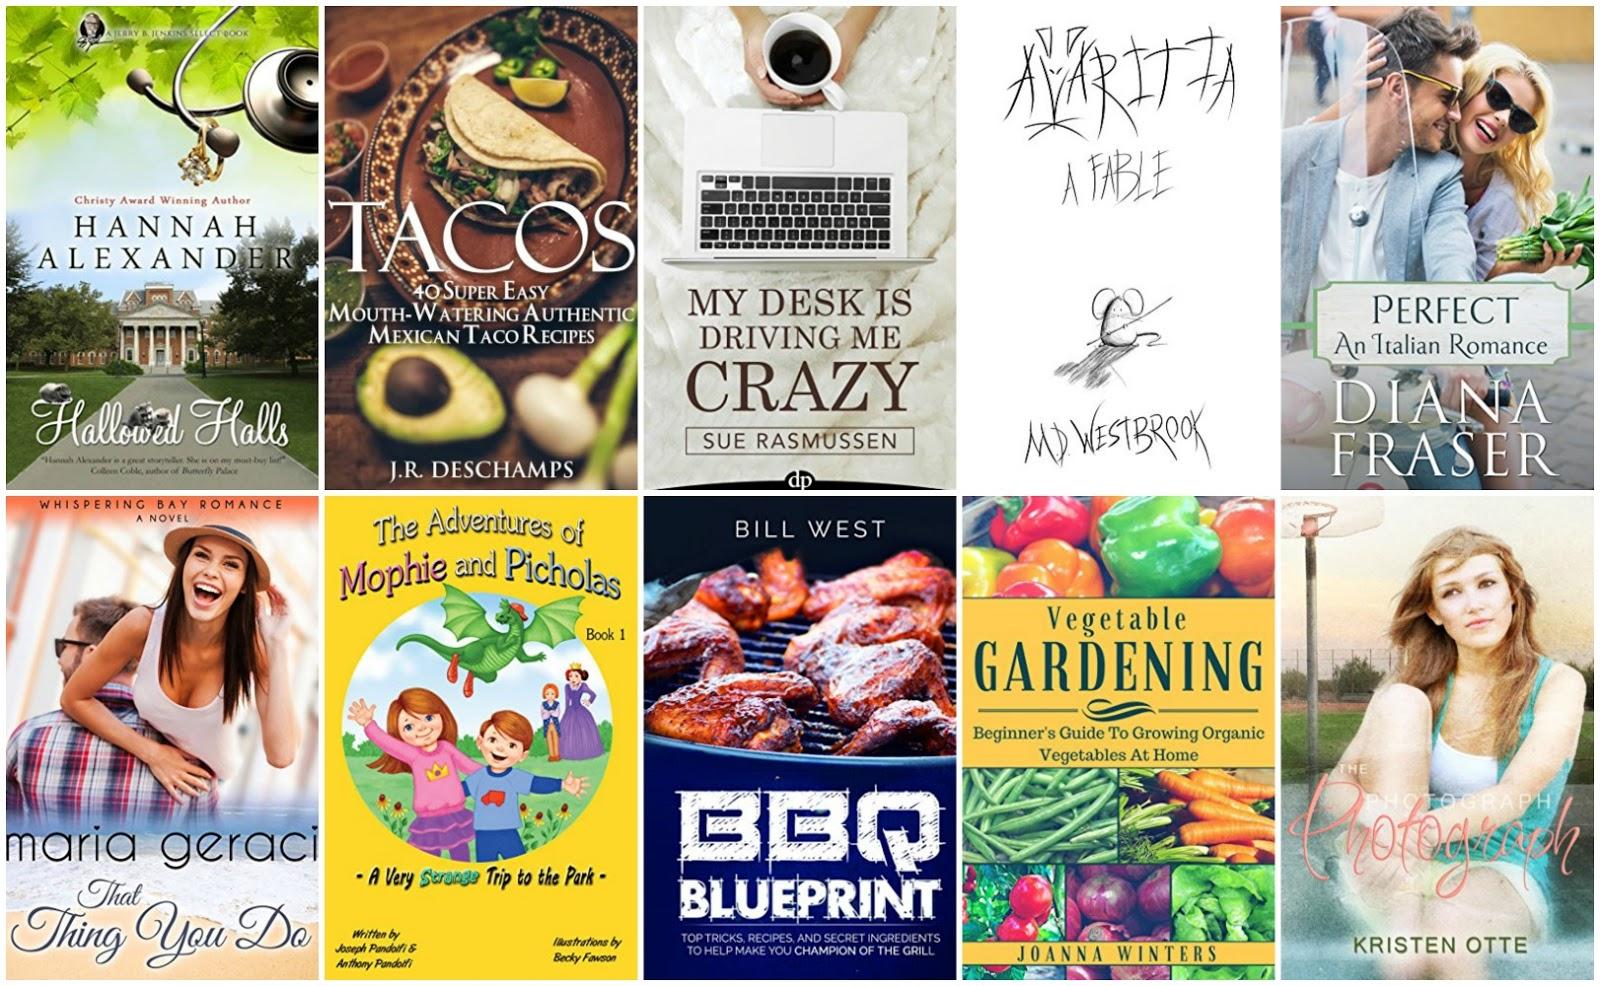 10 Free Kindle Books 6-6-16